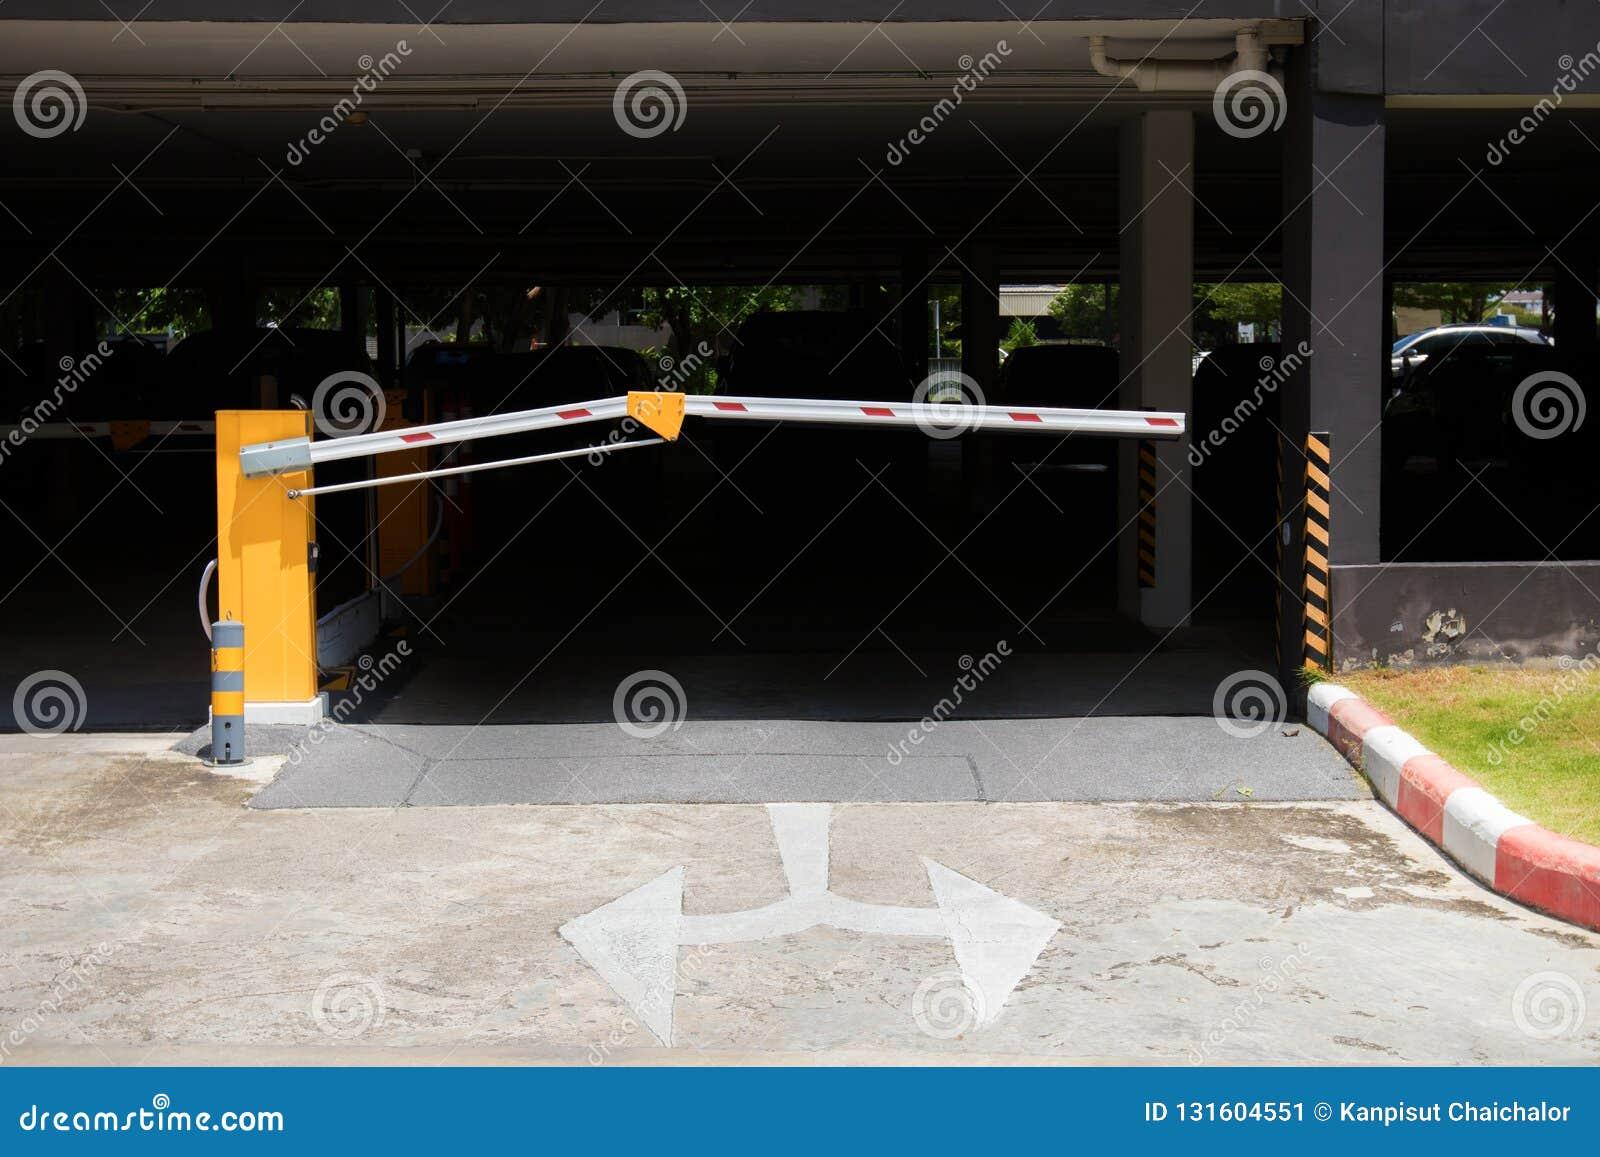 Parking samochodowy bariera, automatyczny hasłowy system System bezpieczeństwa dla budować dostęp - bariery bramy przerwa z opłat